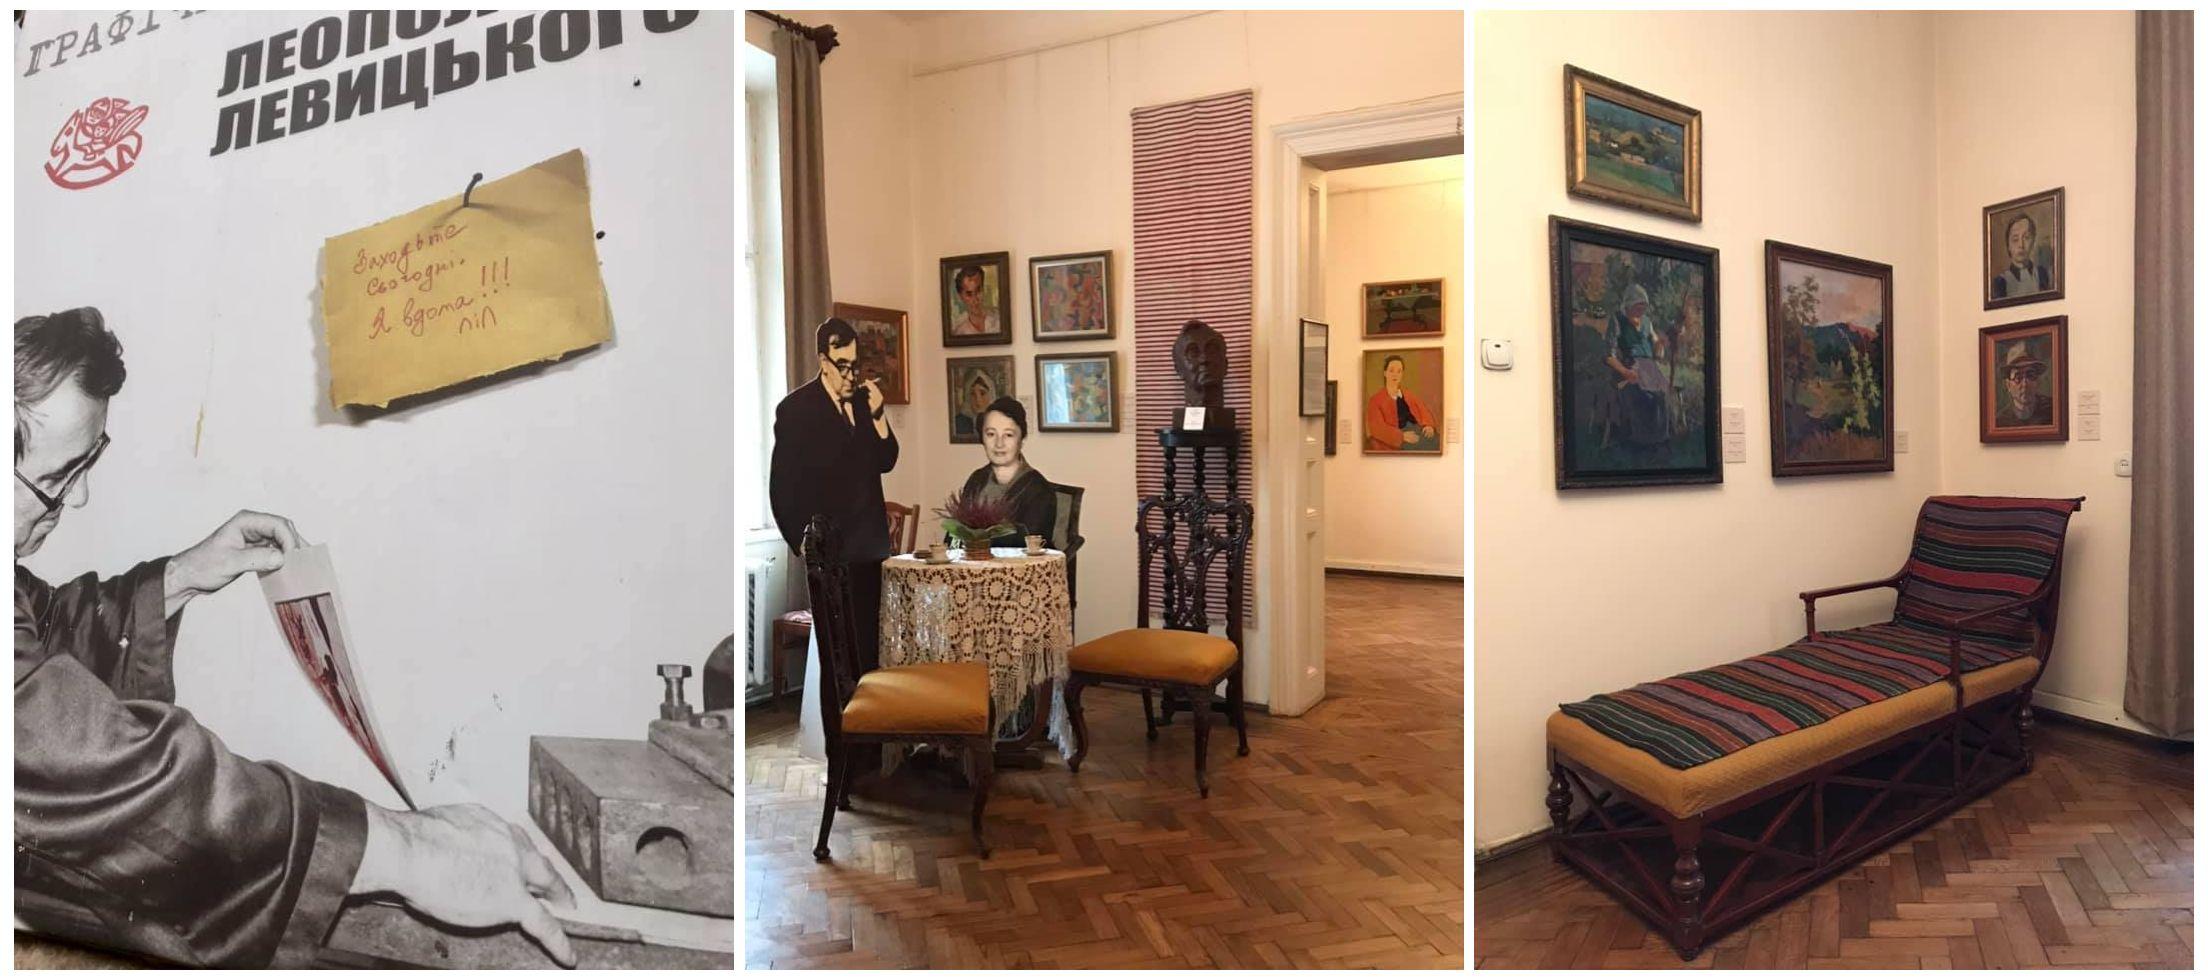 #СТОМУЗЕЇВ: огляд Музею Леопольда Левицького